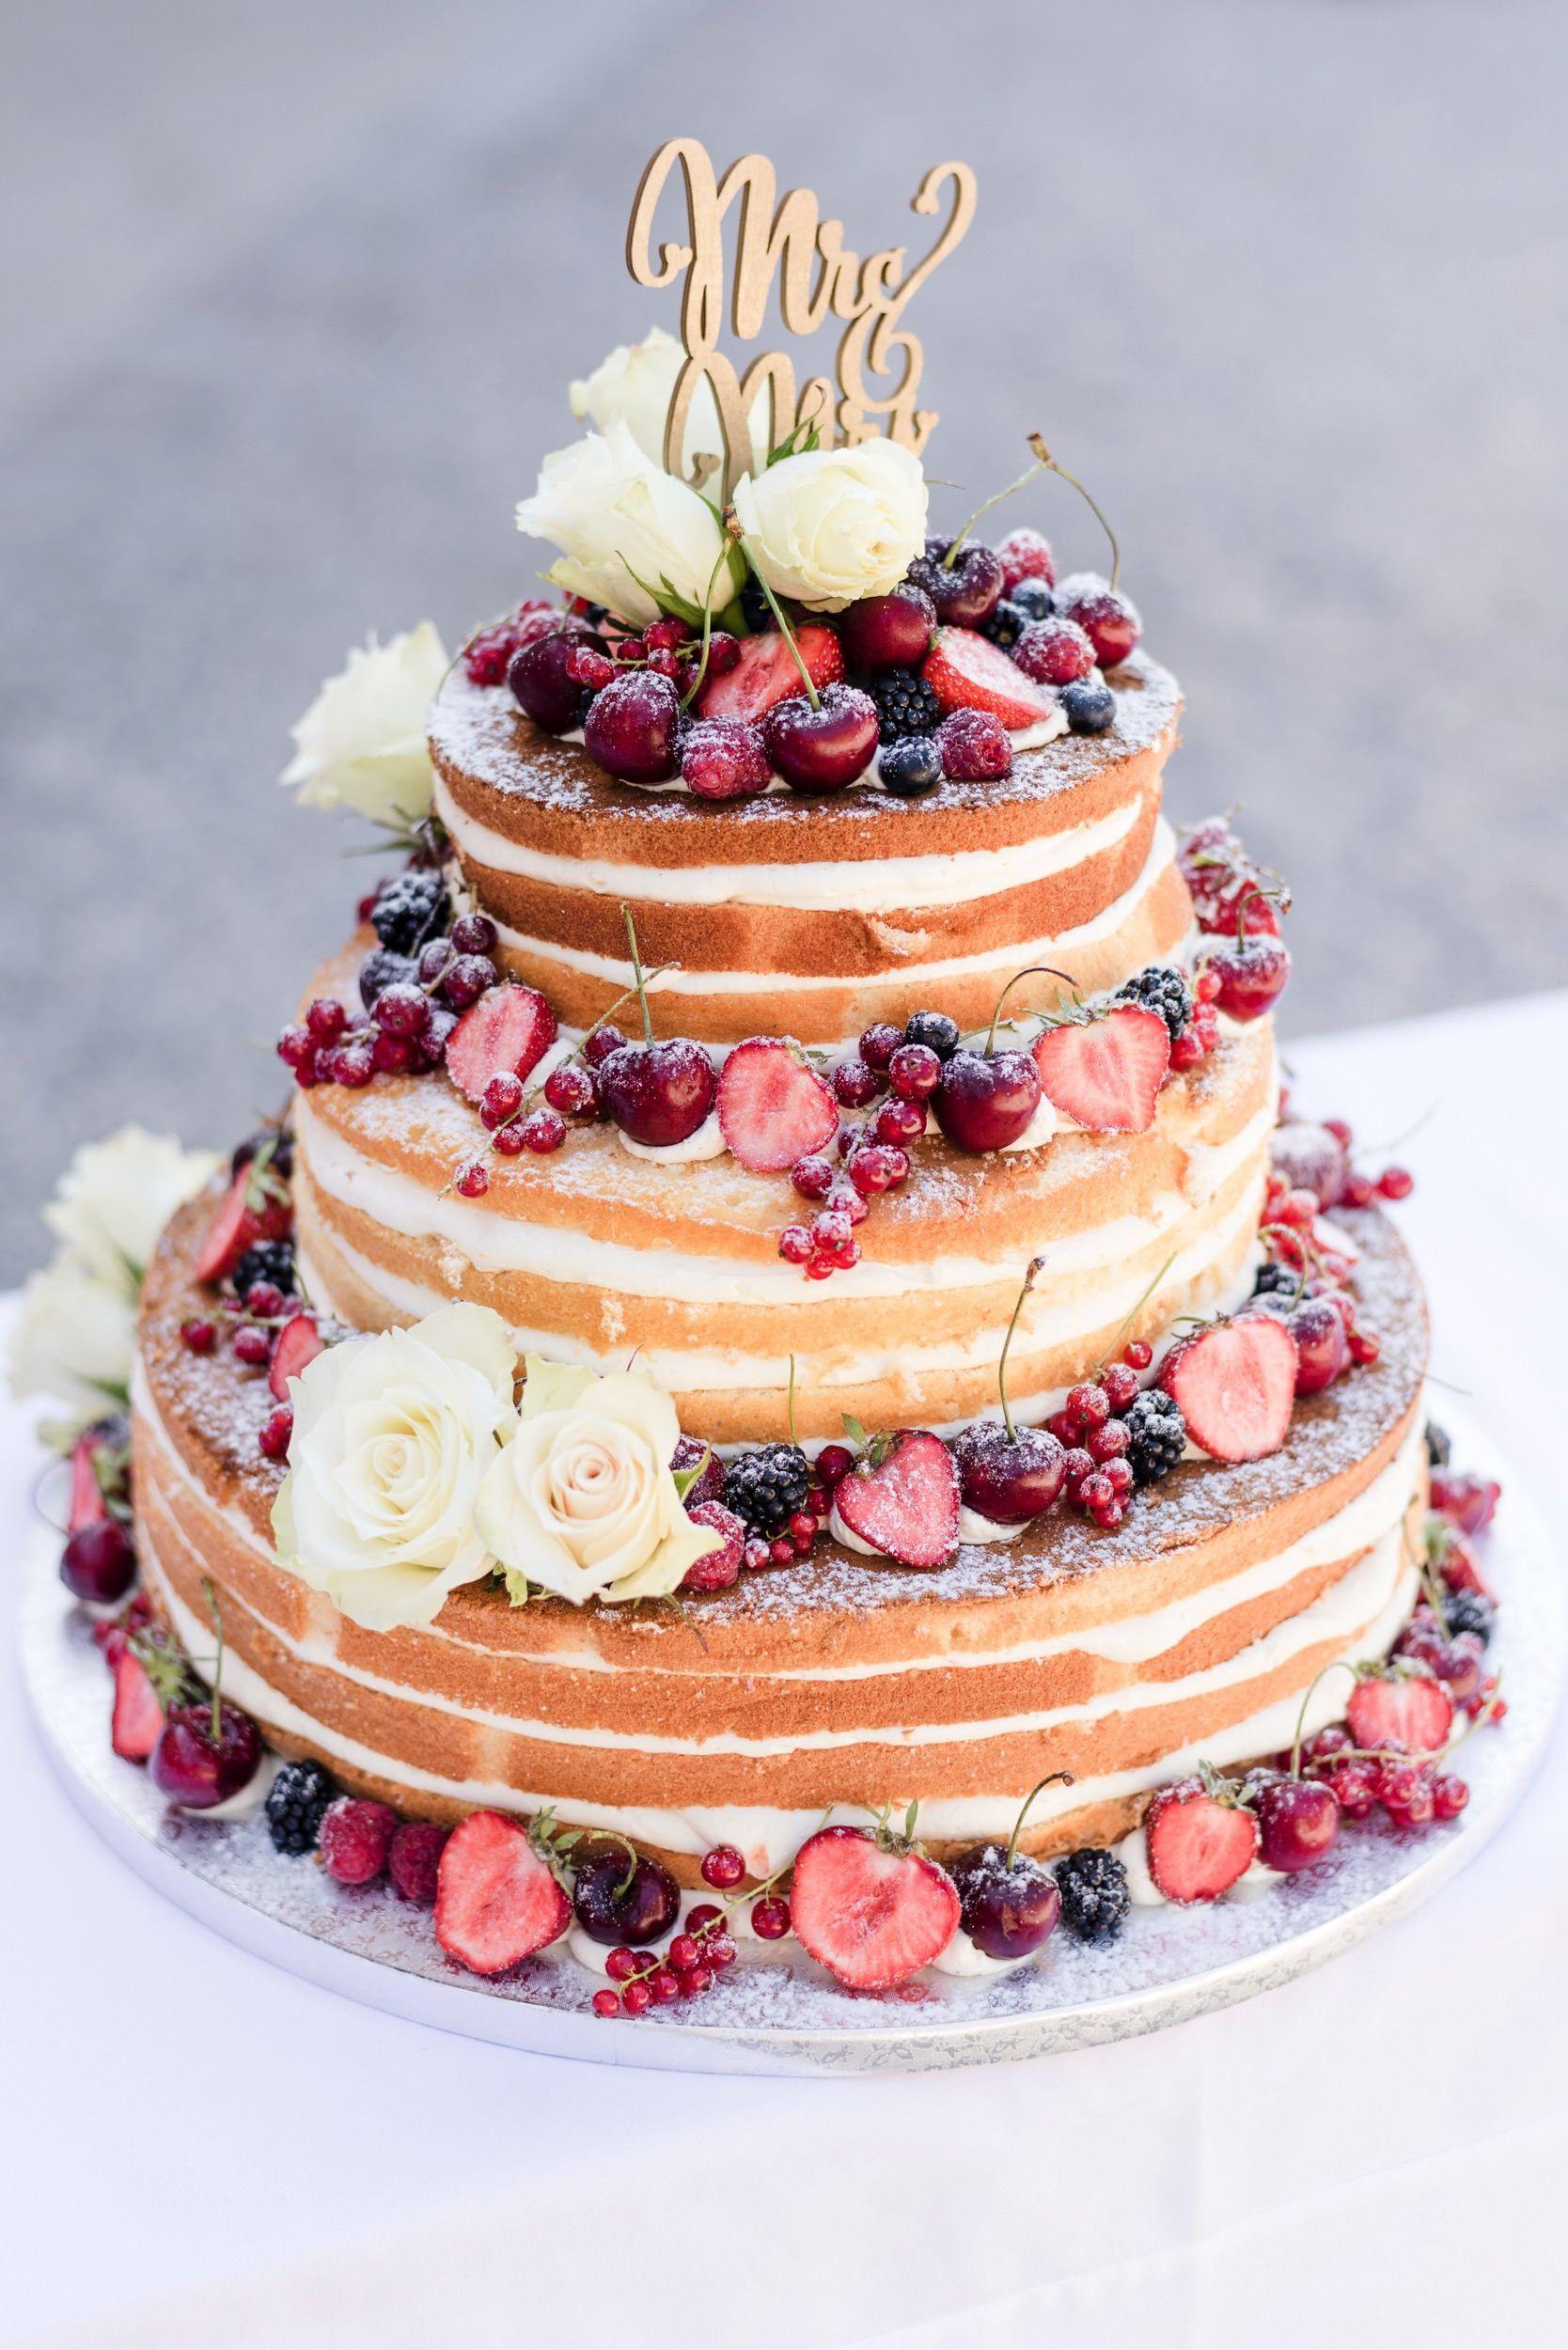 Entzückend Hochzeitstorte Bilder Das Beste Von Naked Cake Hochzeitstorte, Naked Cake, Vintage #torte